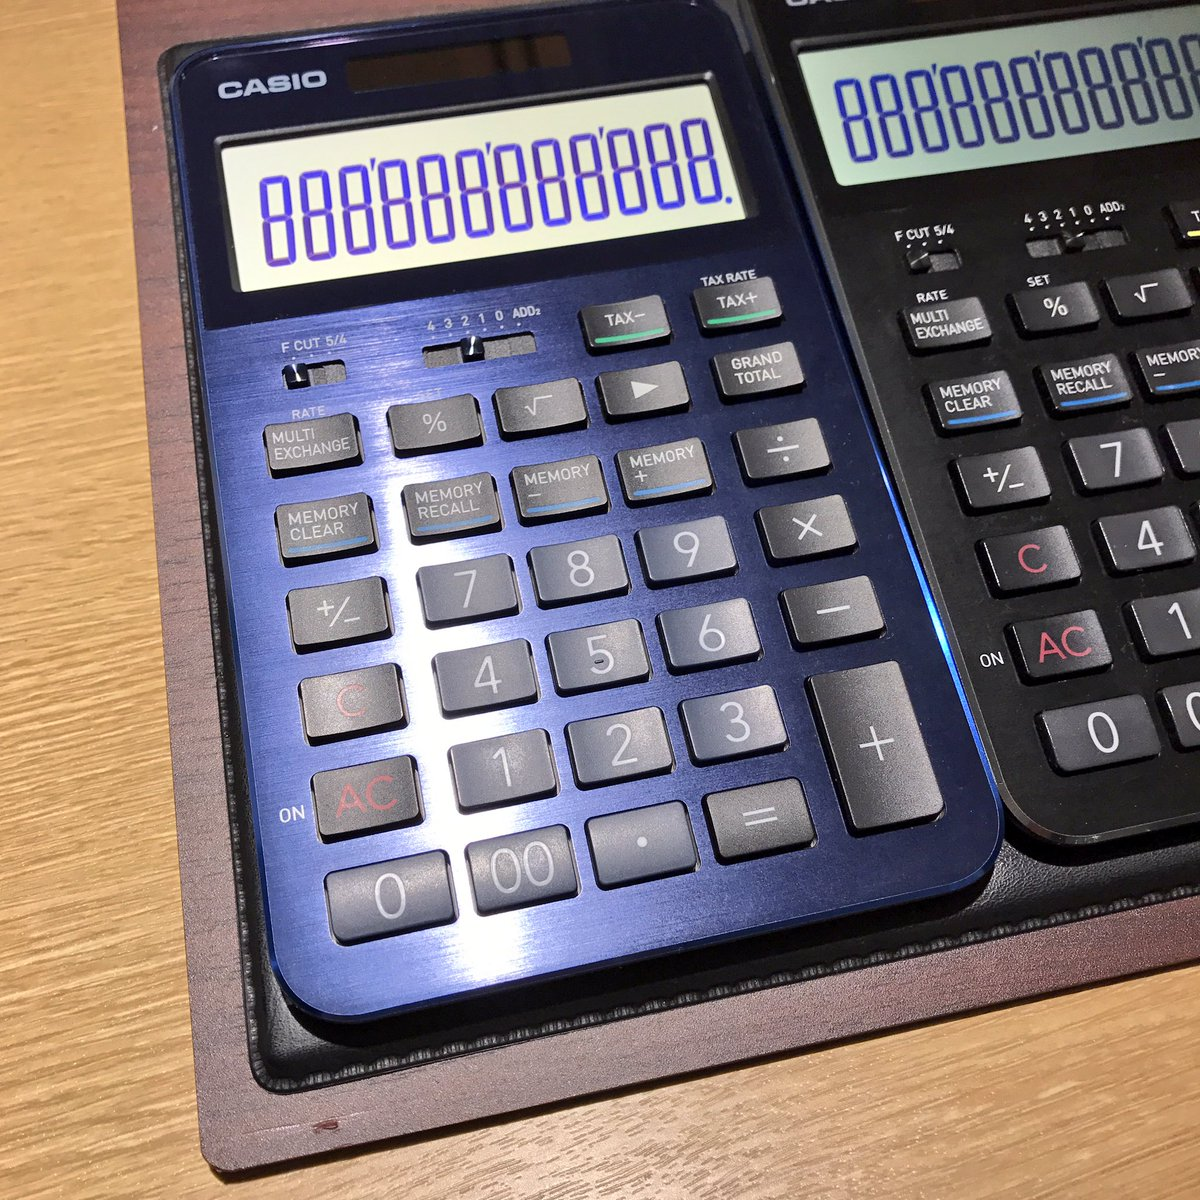 銀座 伊東屋 on twitter プレミアム電卓s100の新色 ブルーが入荷しま